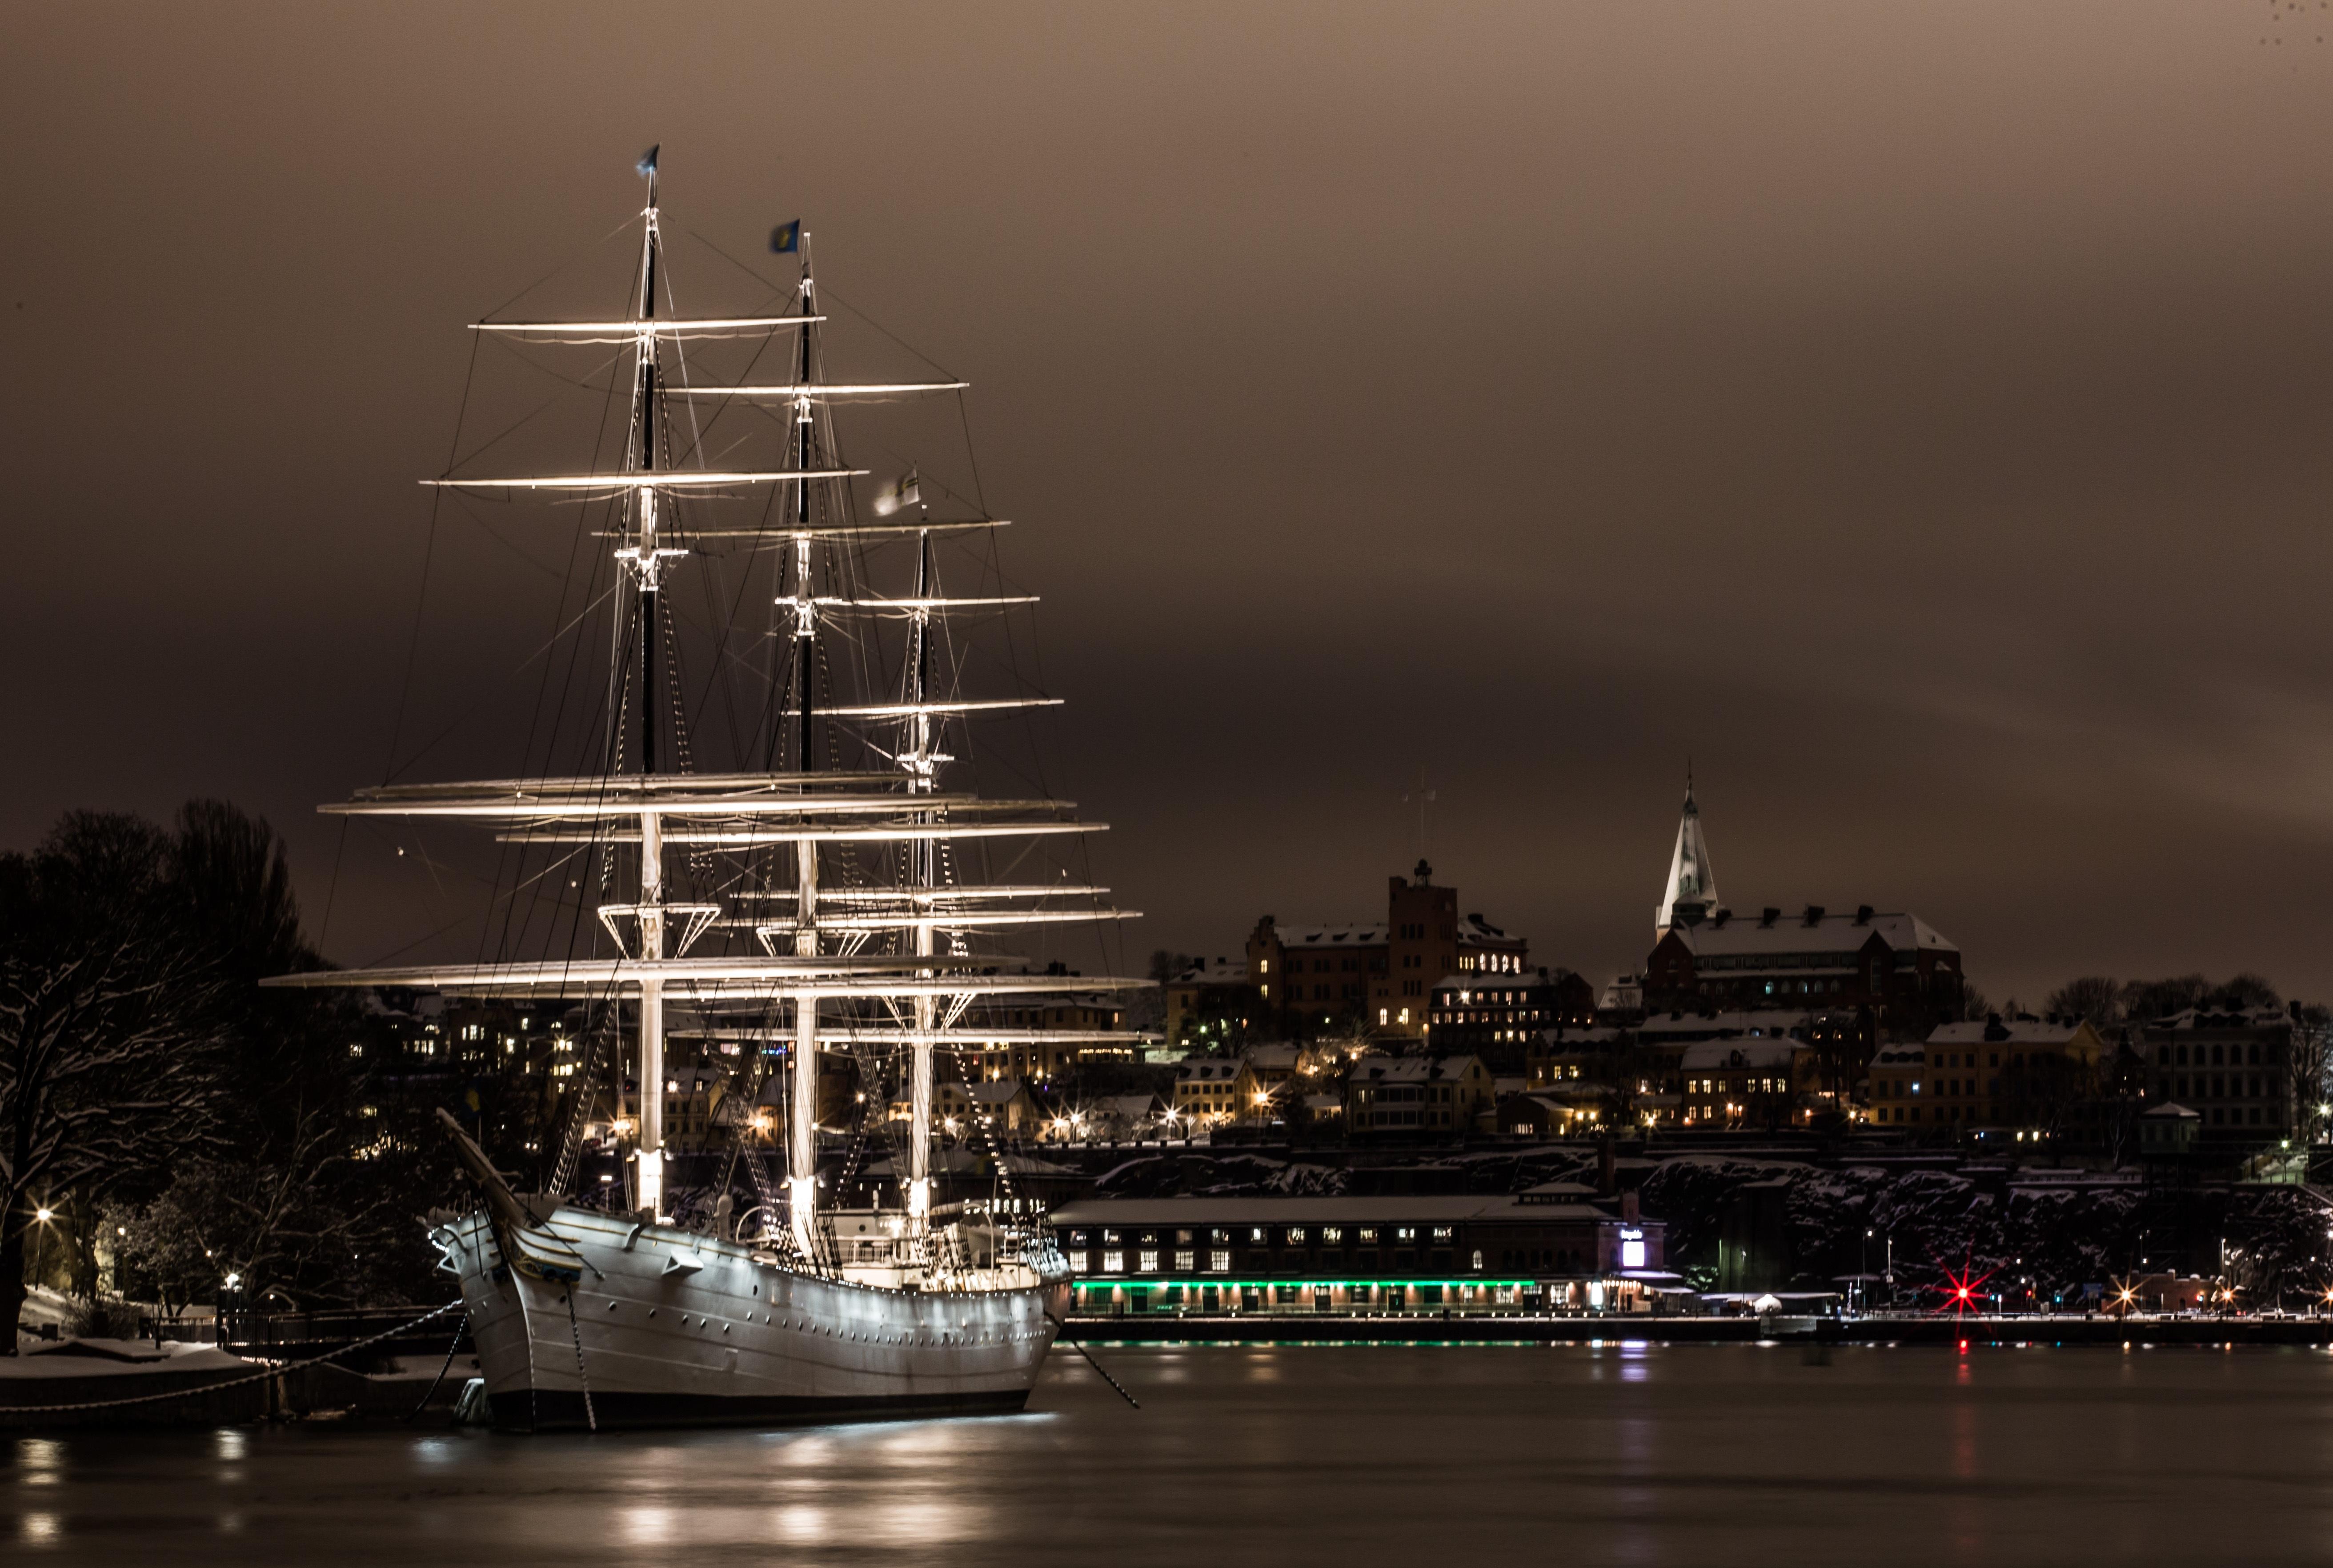 Stockholm die Nacht im Hotelboot 179,00€ mit Flug & 3 Nächte im Hotel